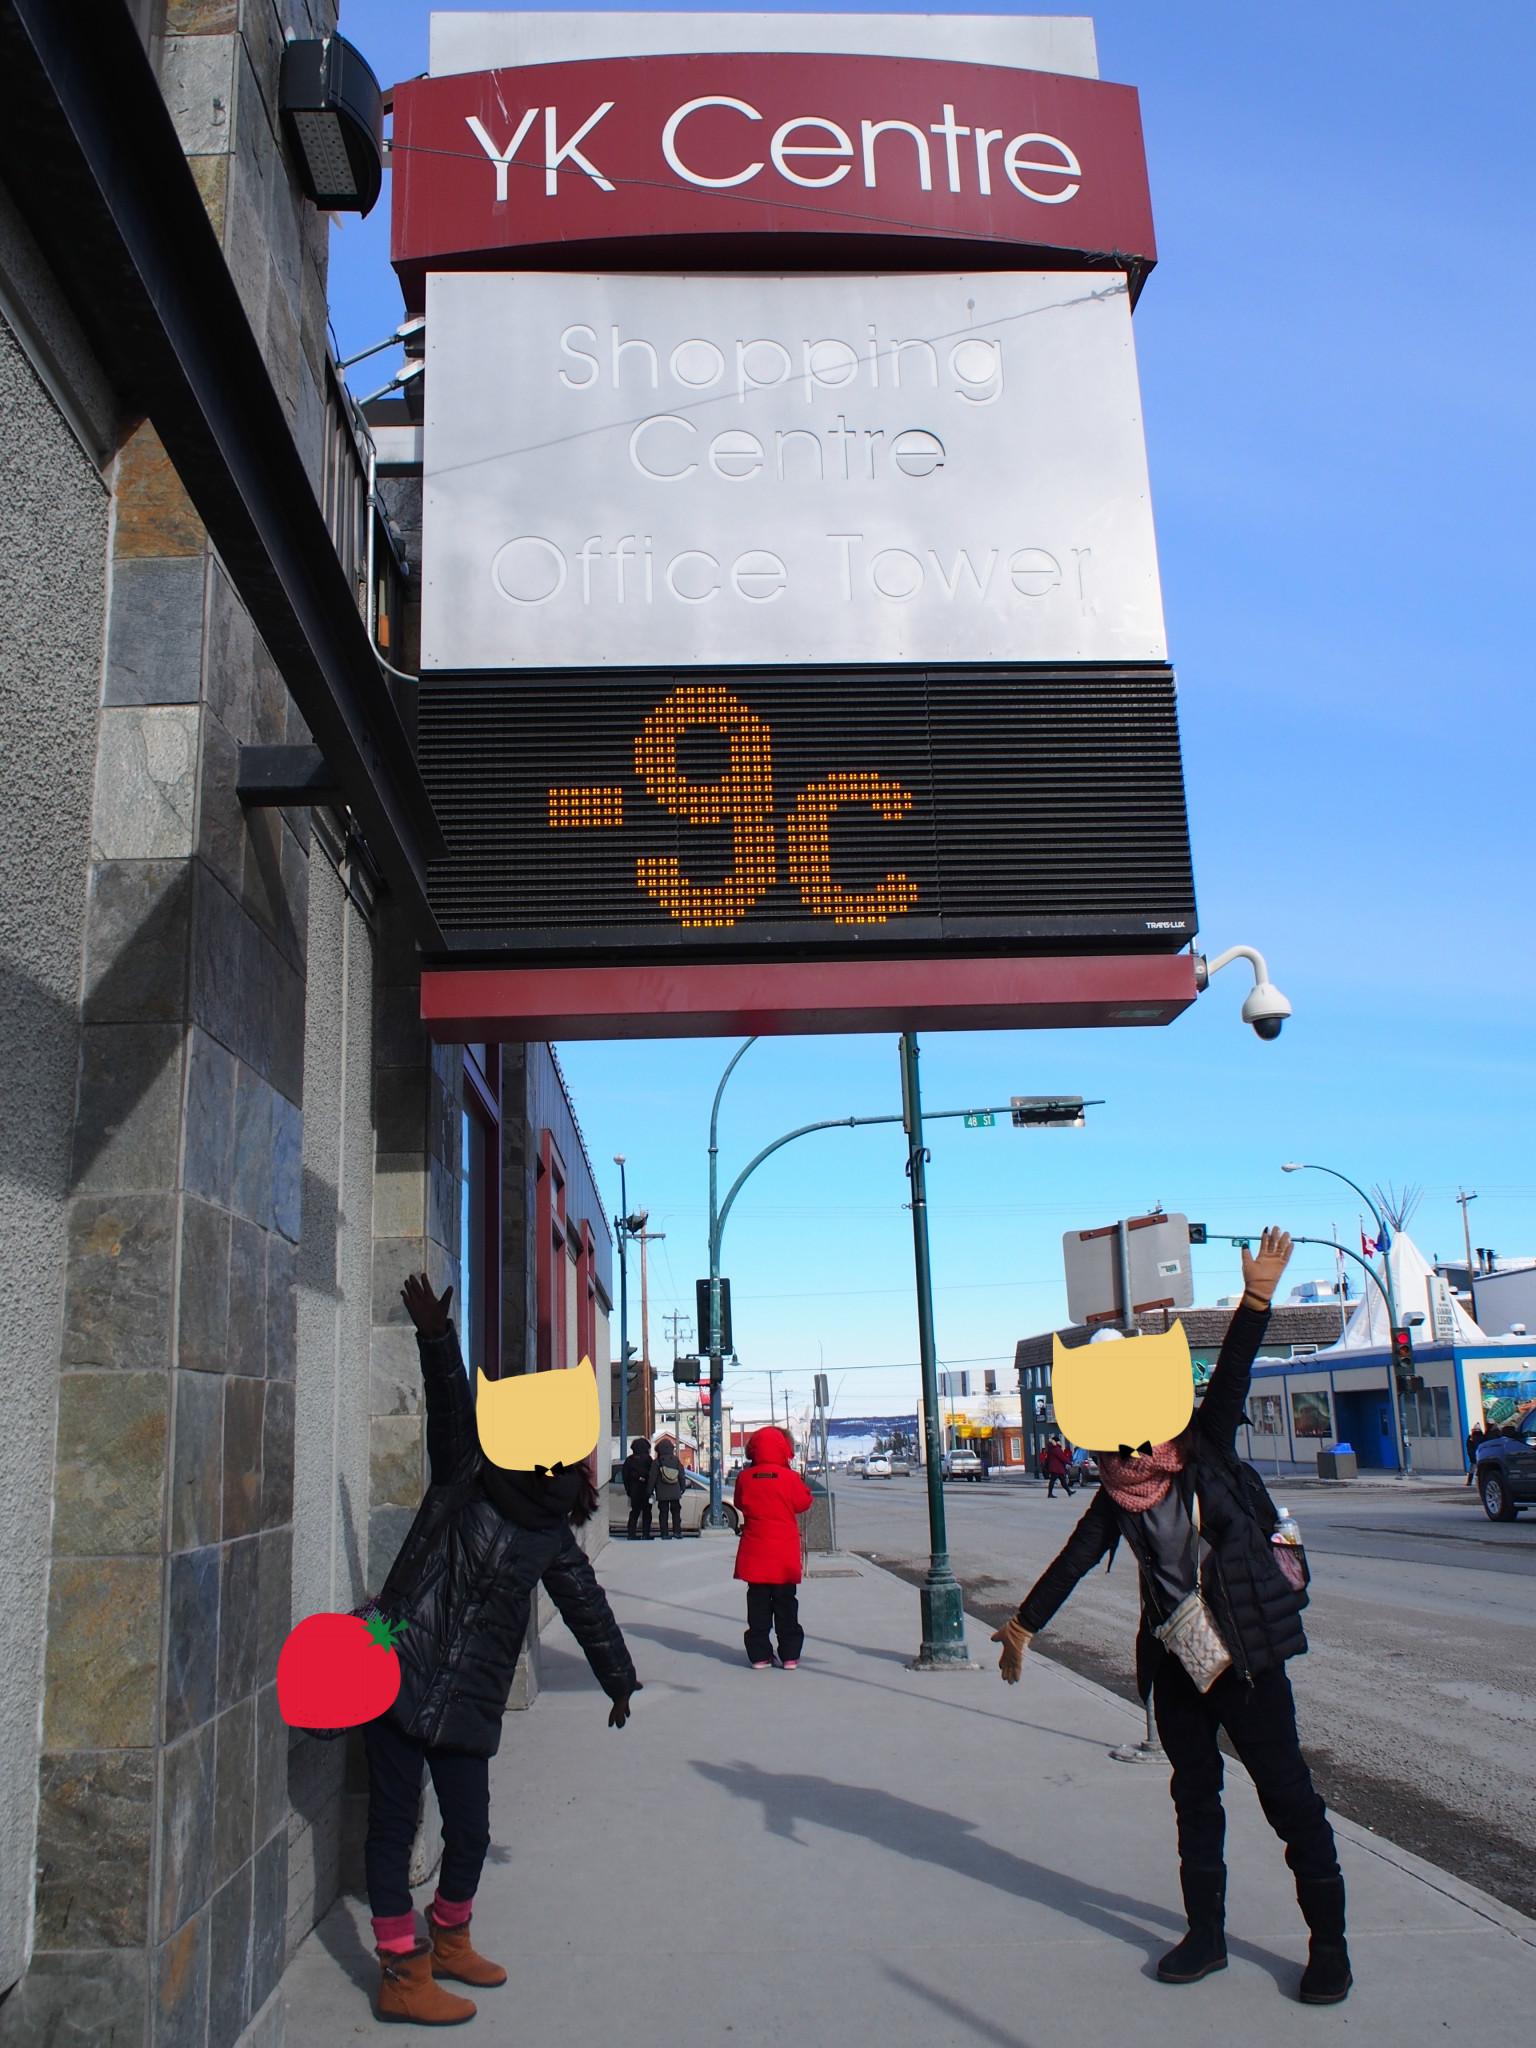 イエローナイフ旅行の服装についてオーロラ観測時の防寒対策も